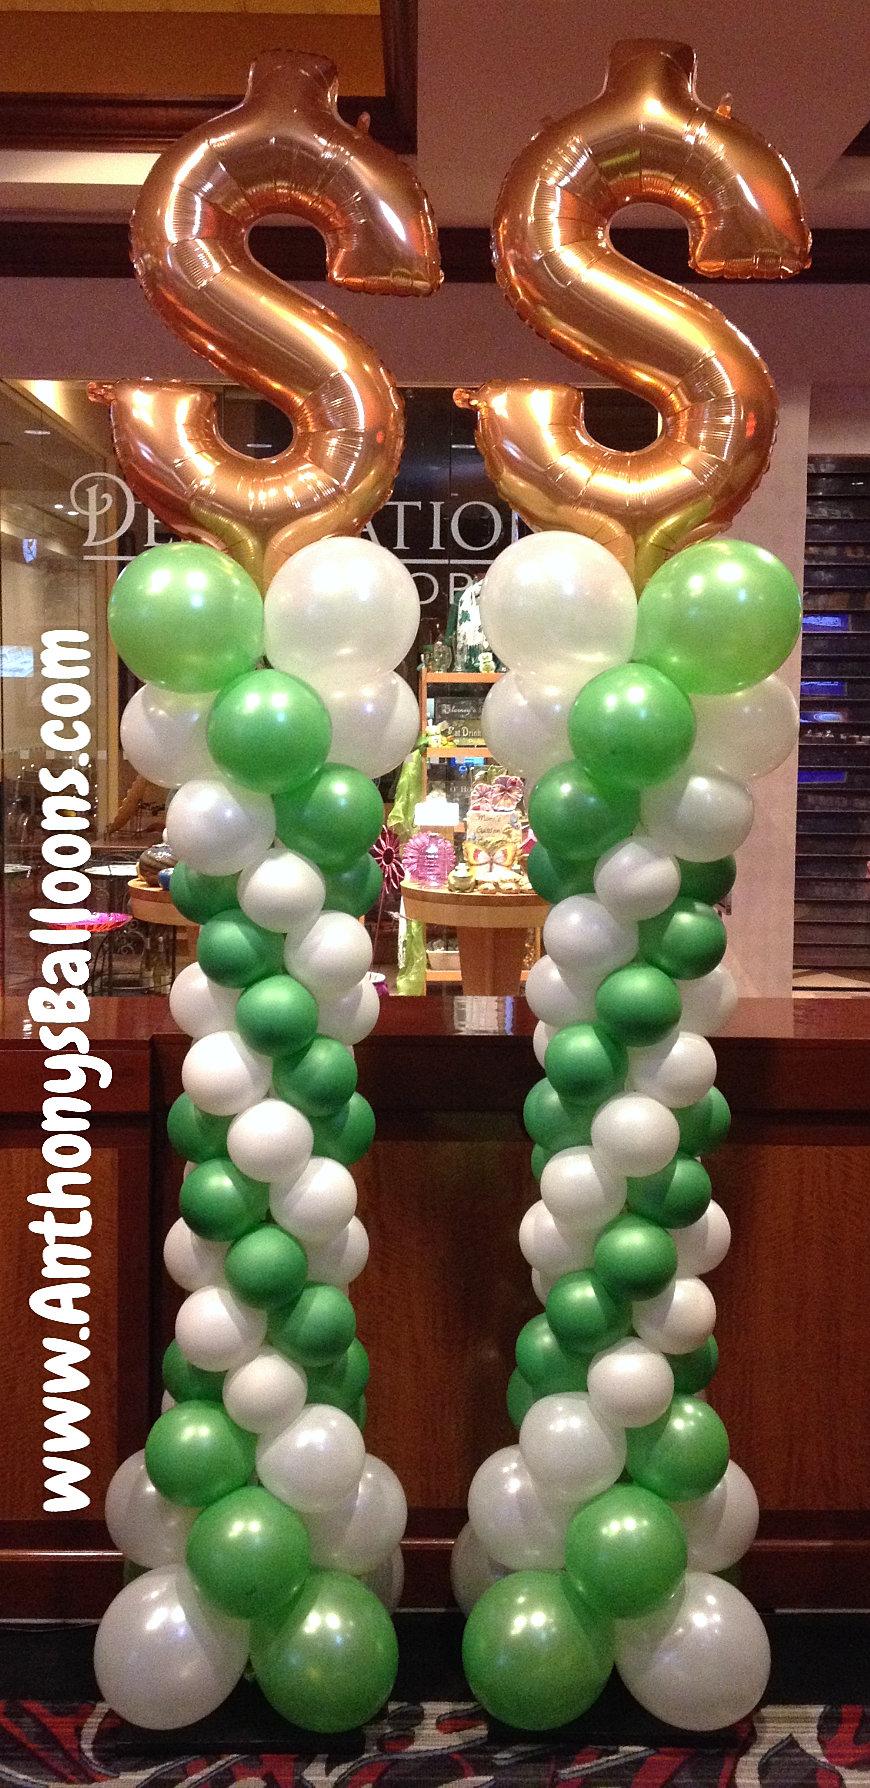 Chicago balloon decor 8 9 39 tall curvy balloon column for Balloon decoration chicago